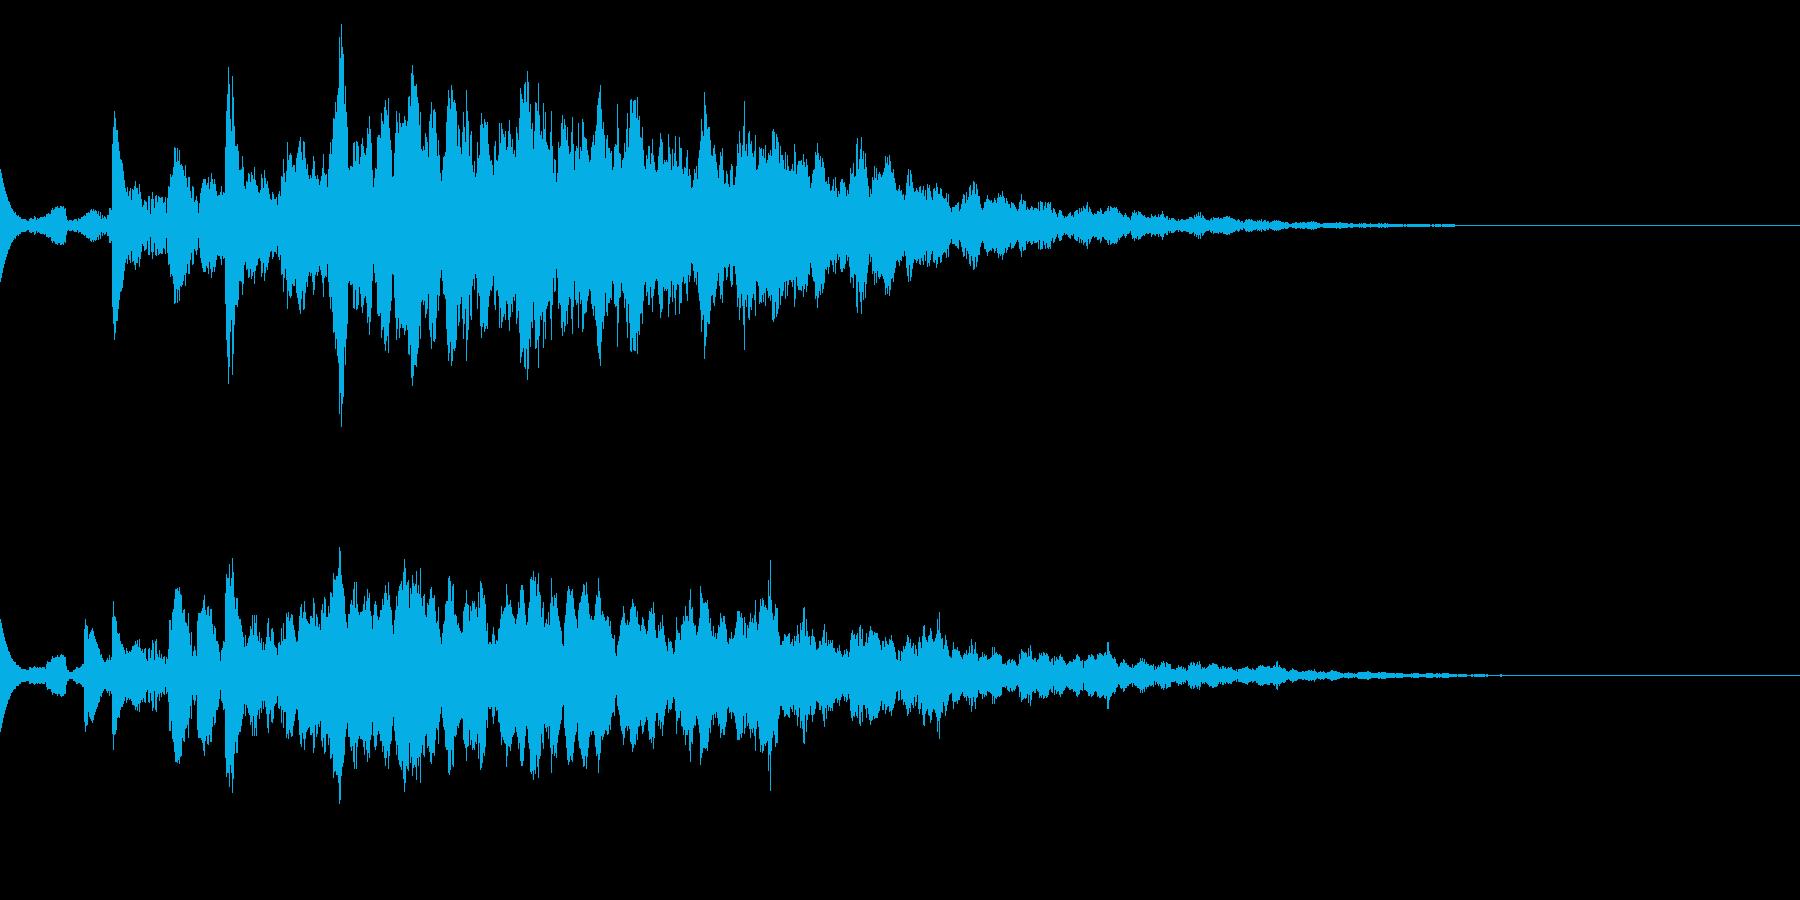 宇宙なアンビエント/SF/深海/癒し系の再生済みの波形